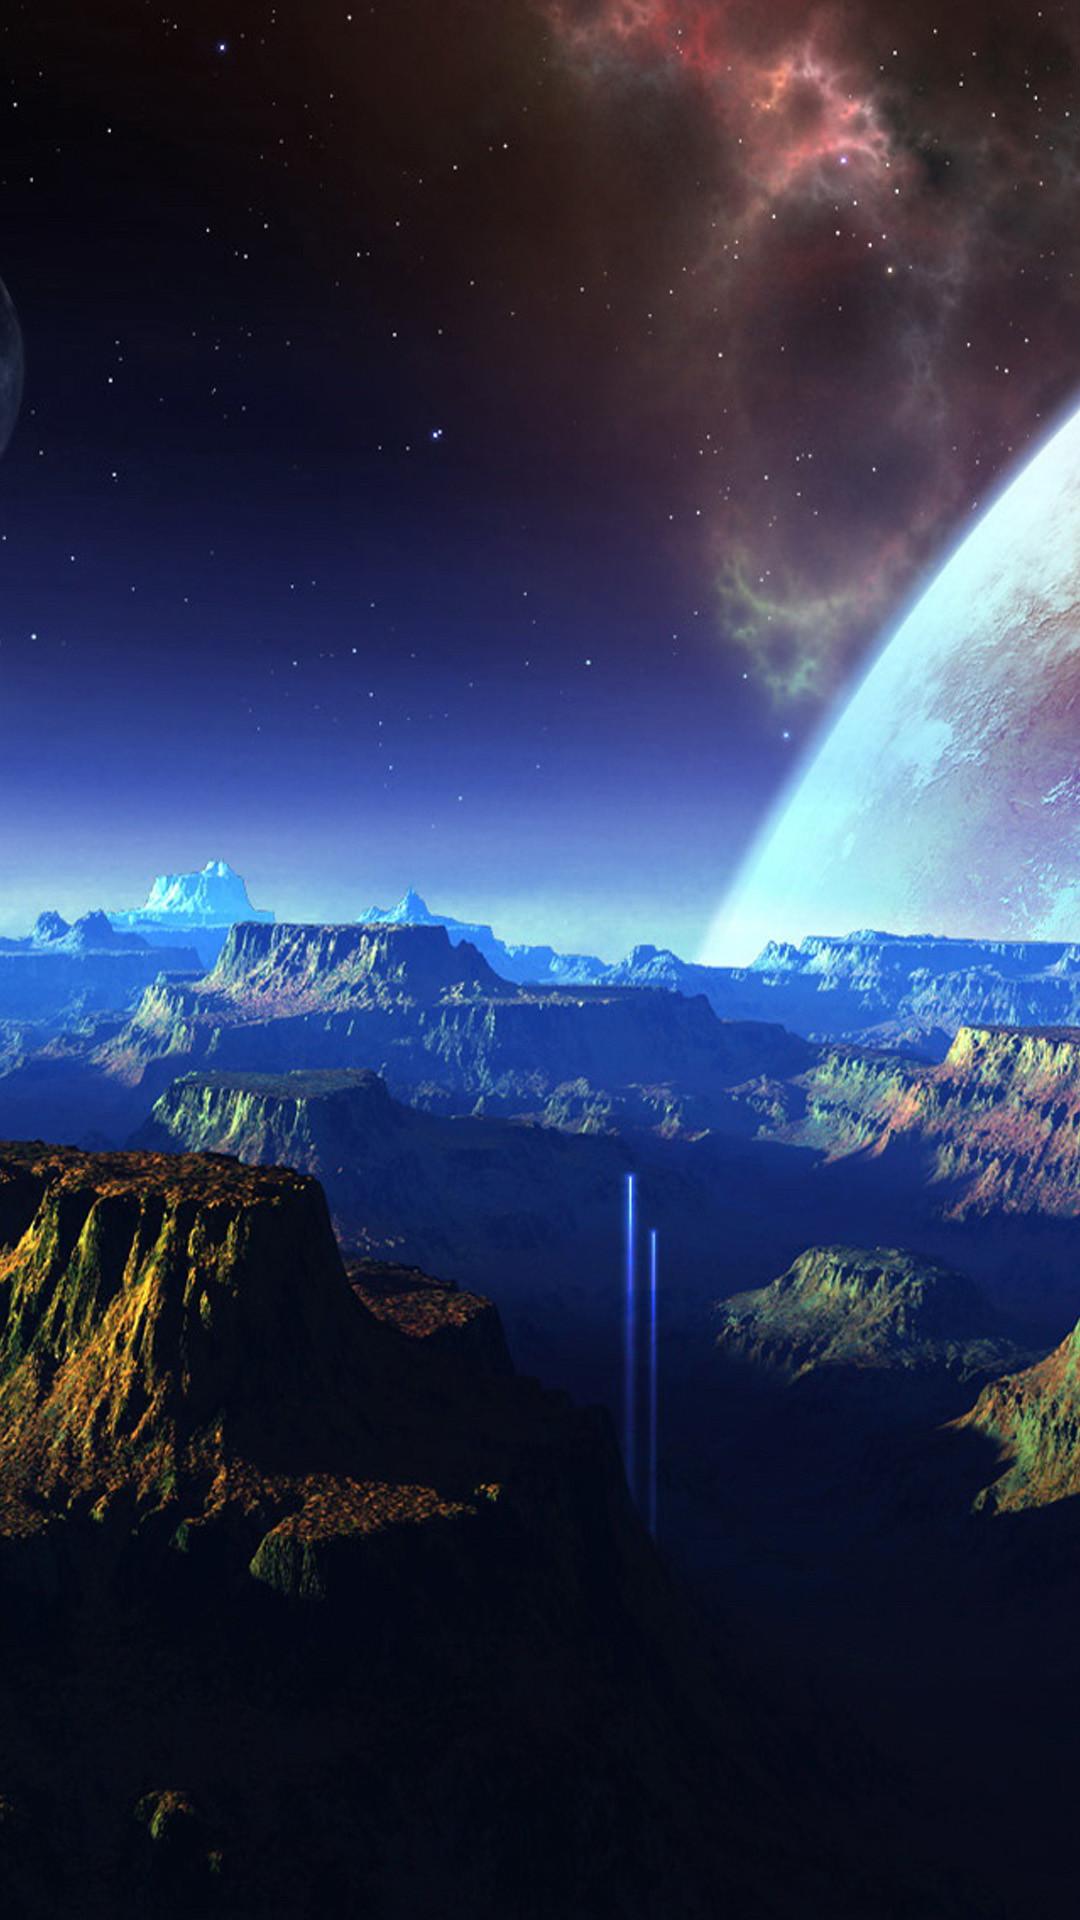 Space alien wallpaper 74 images - Spacecraft wallpaper ...